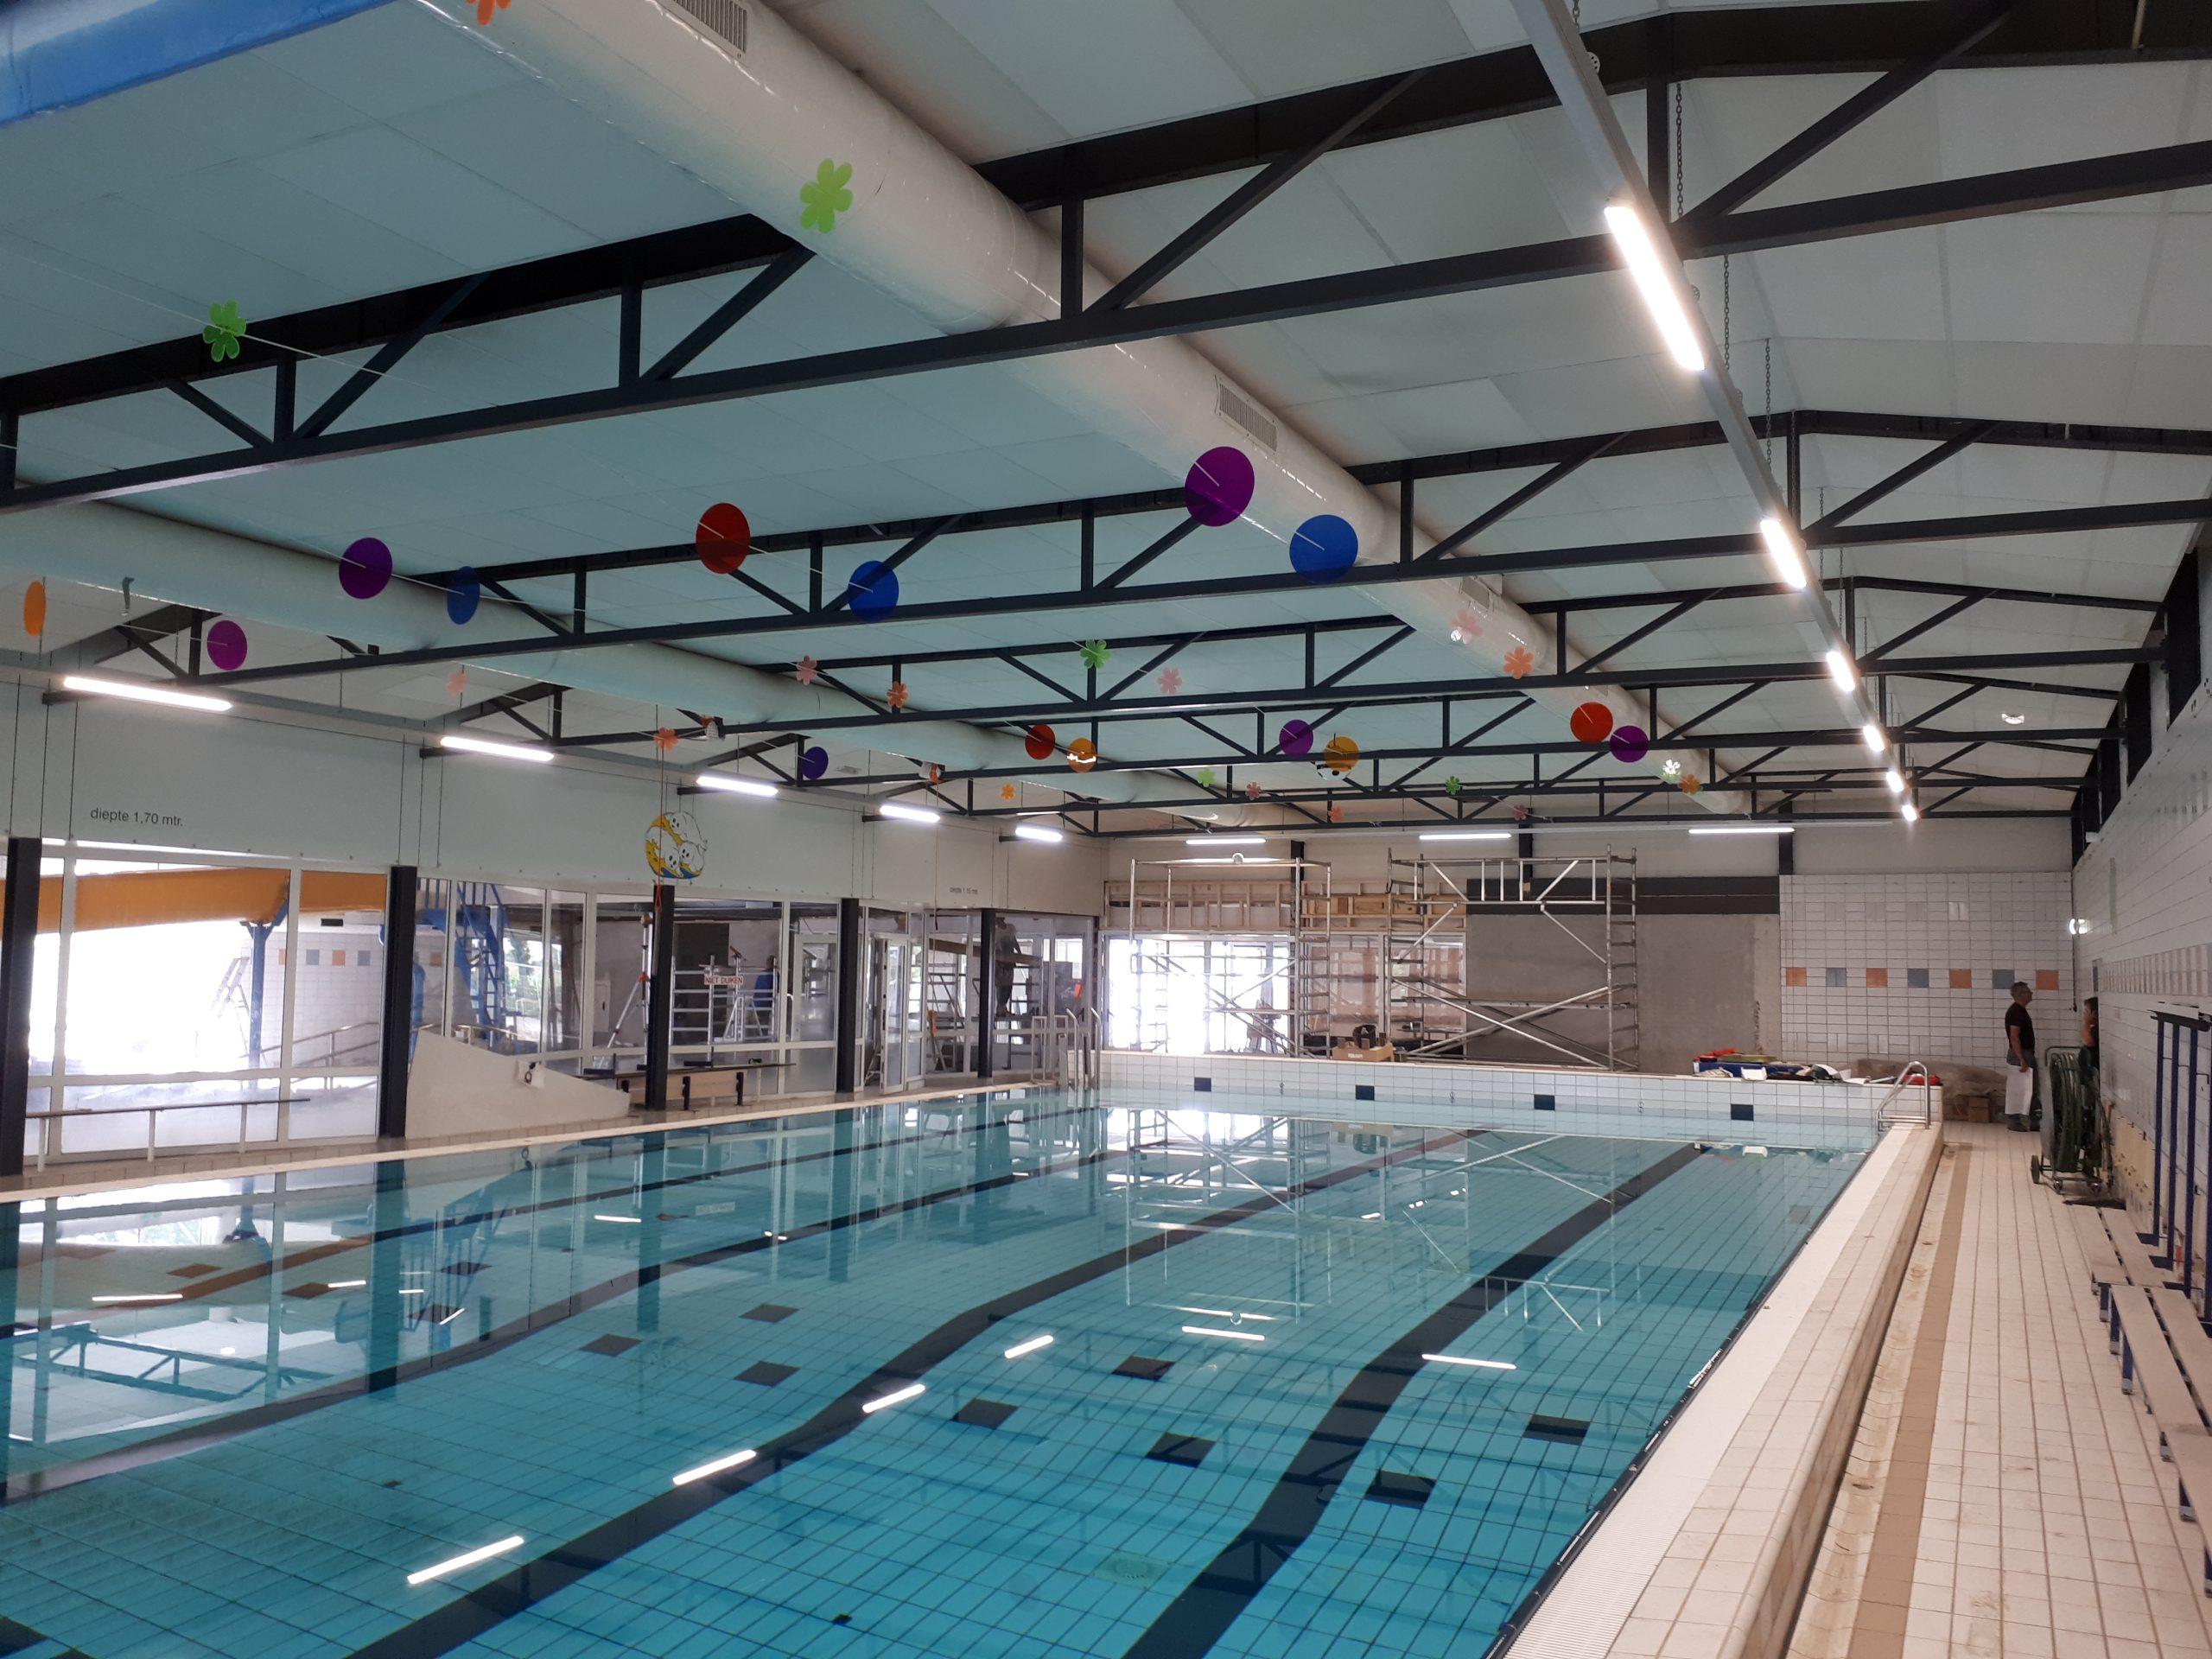 Zwembad Staphorst gallery